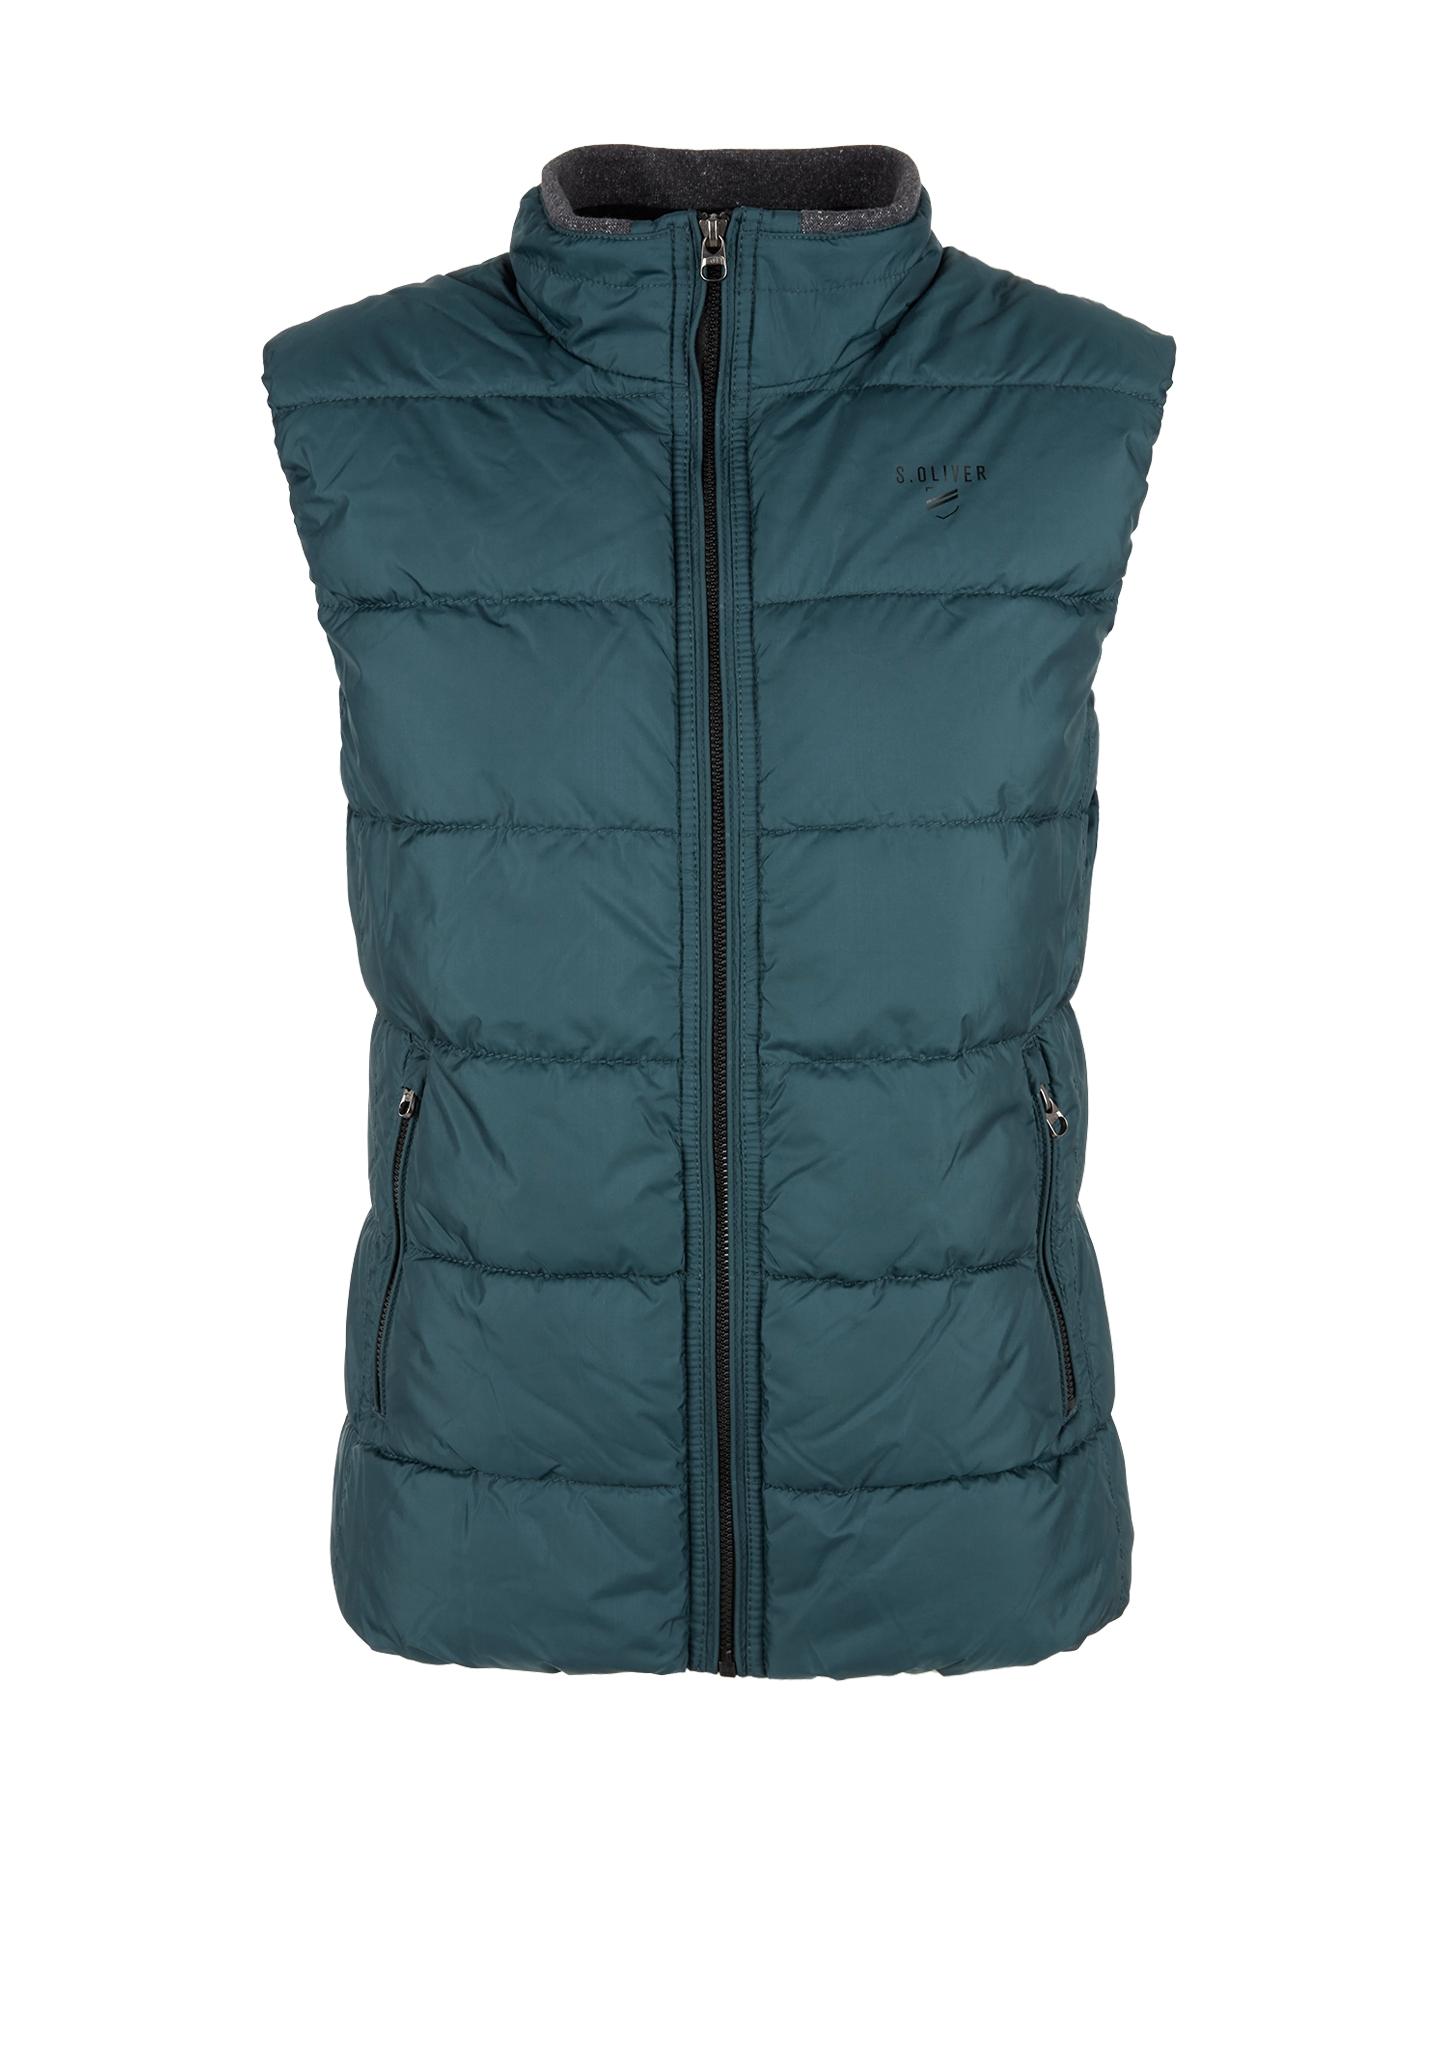 Outdoorweste | Sportbekleidung | Blau/grün | Obermaterial 100% polyester| futter und füllmaterial 100% polyamid| kragenfutter 95% baumwolle -  5% elasthan | s.Oliver